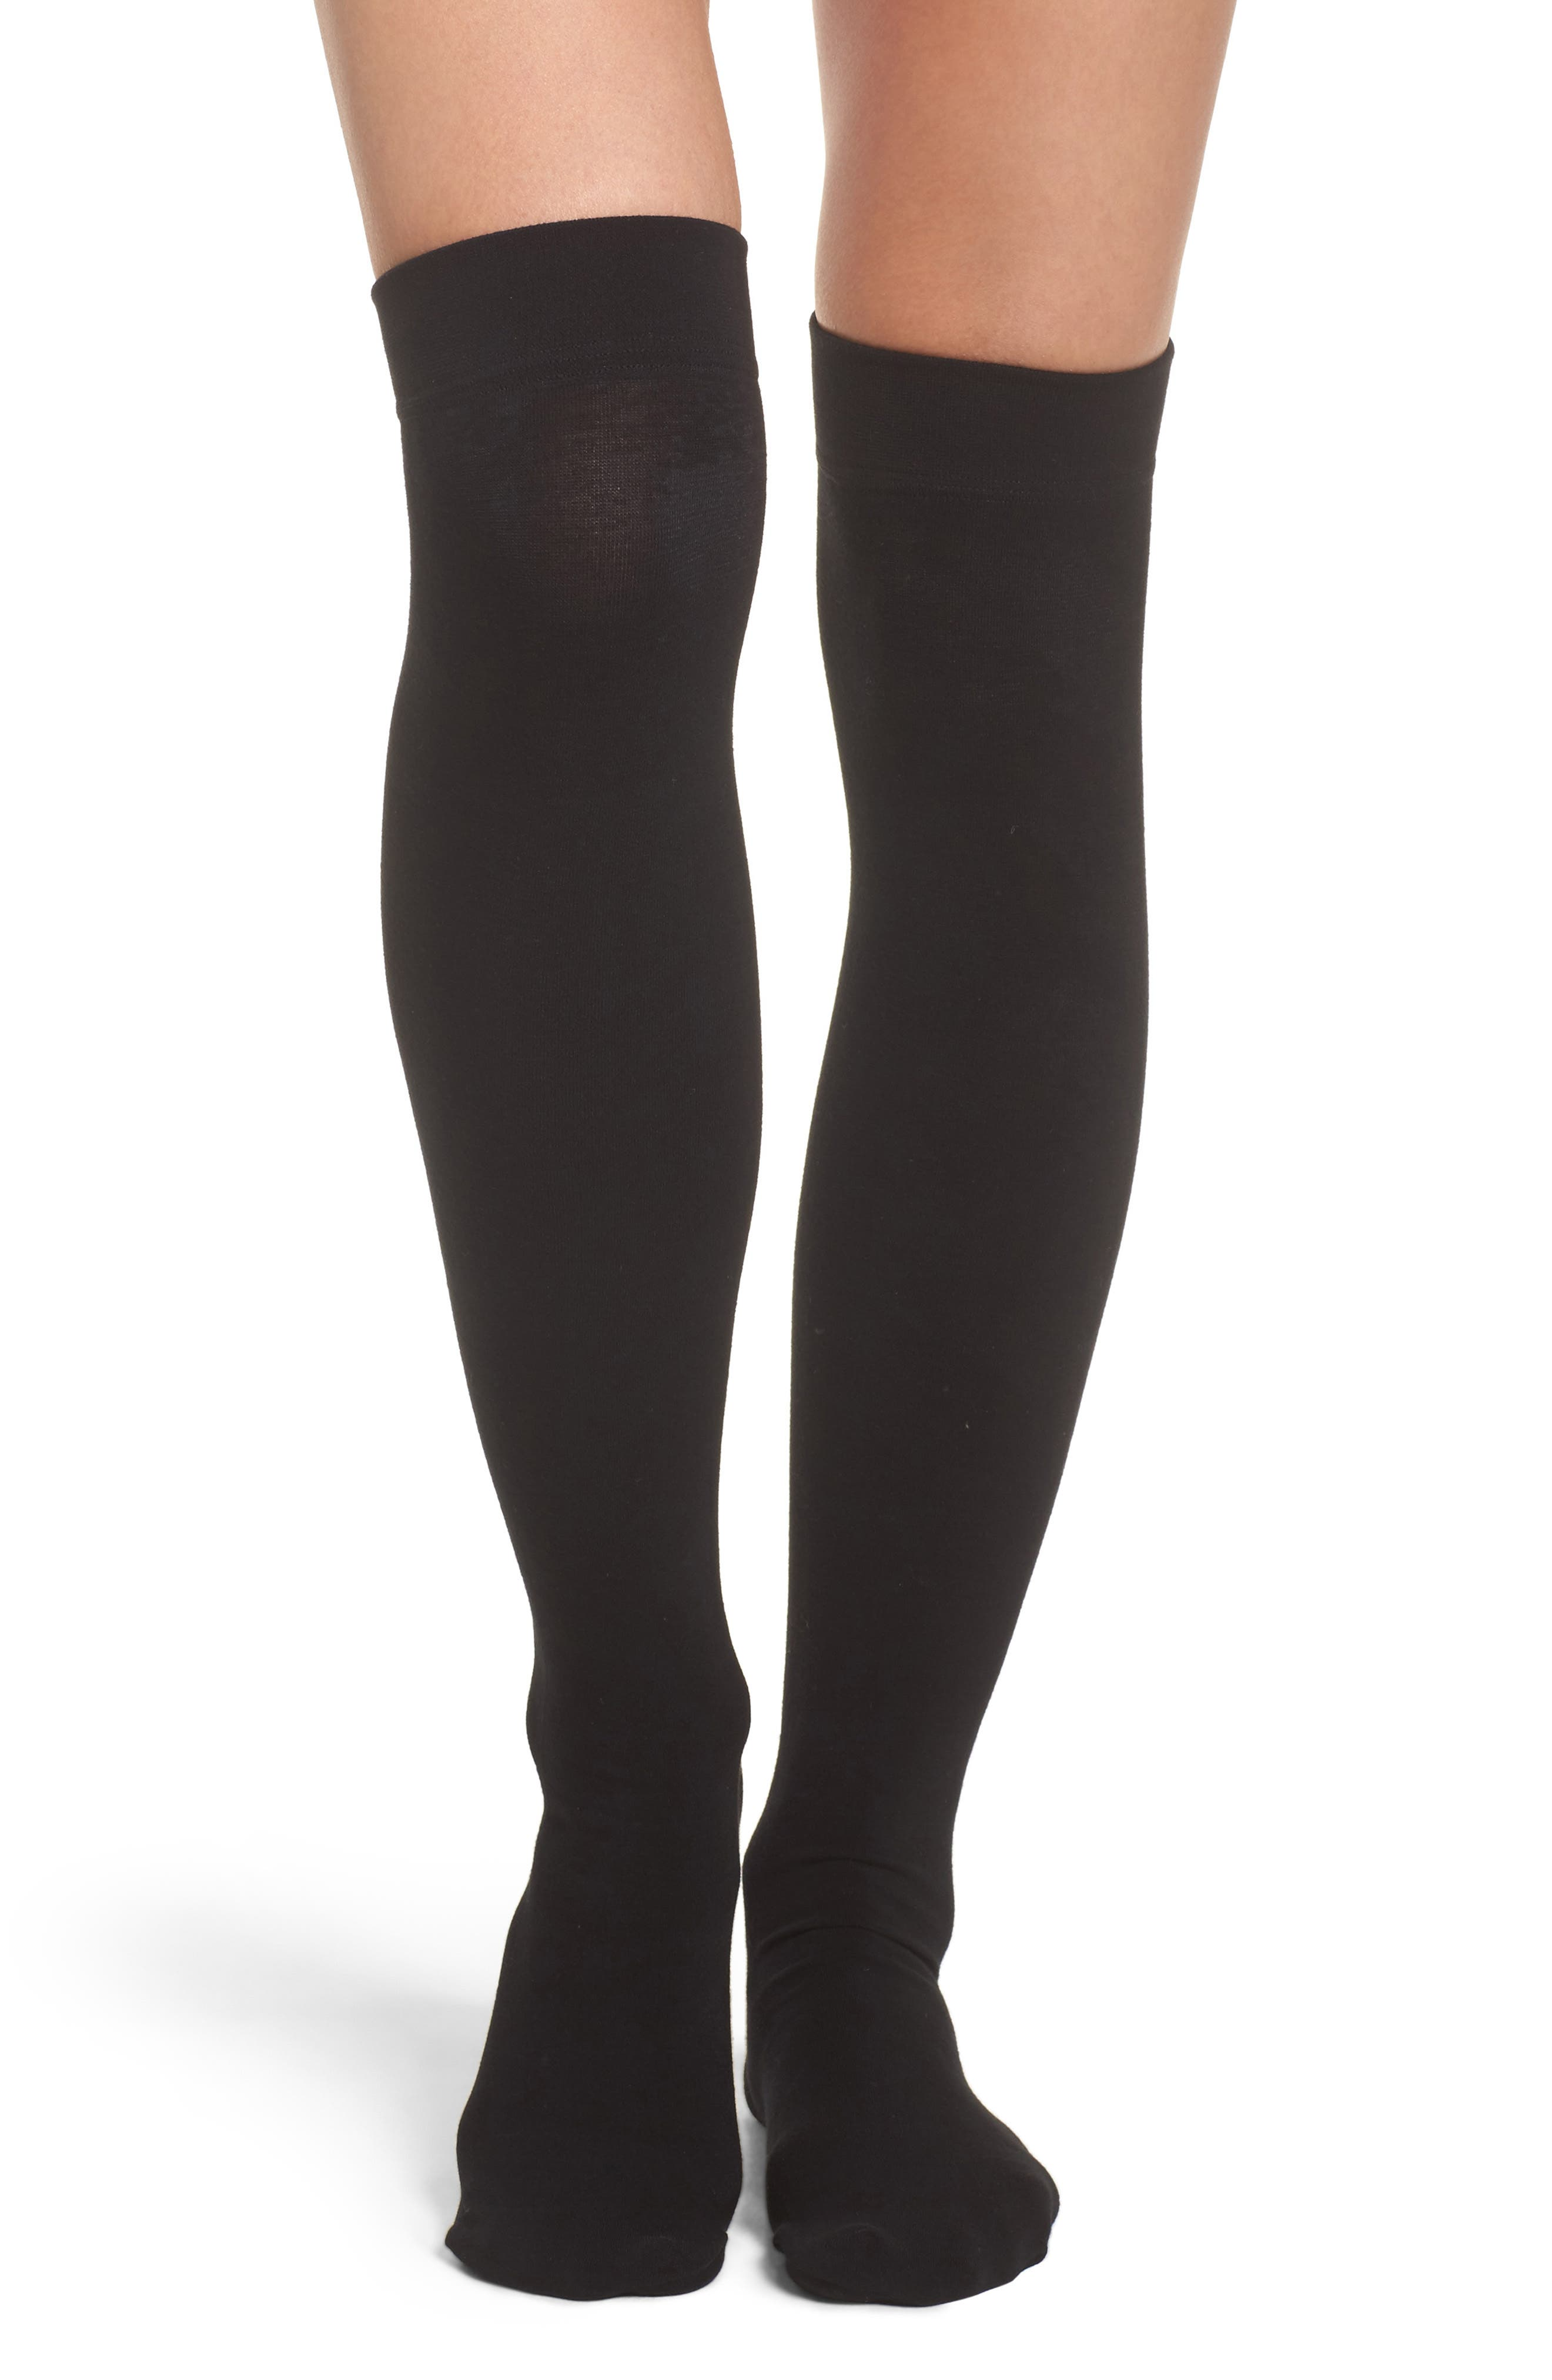 DKNY SkinSense™ Fleece Over the Knee Socks